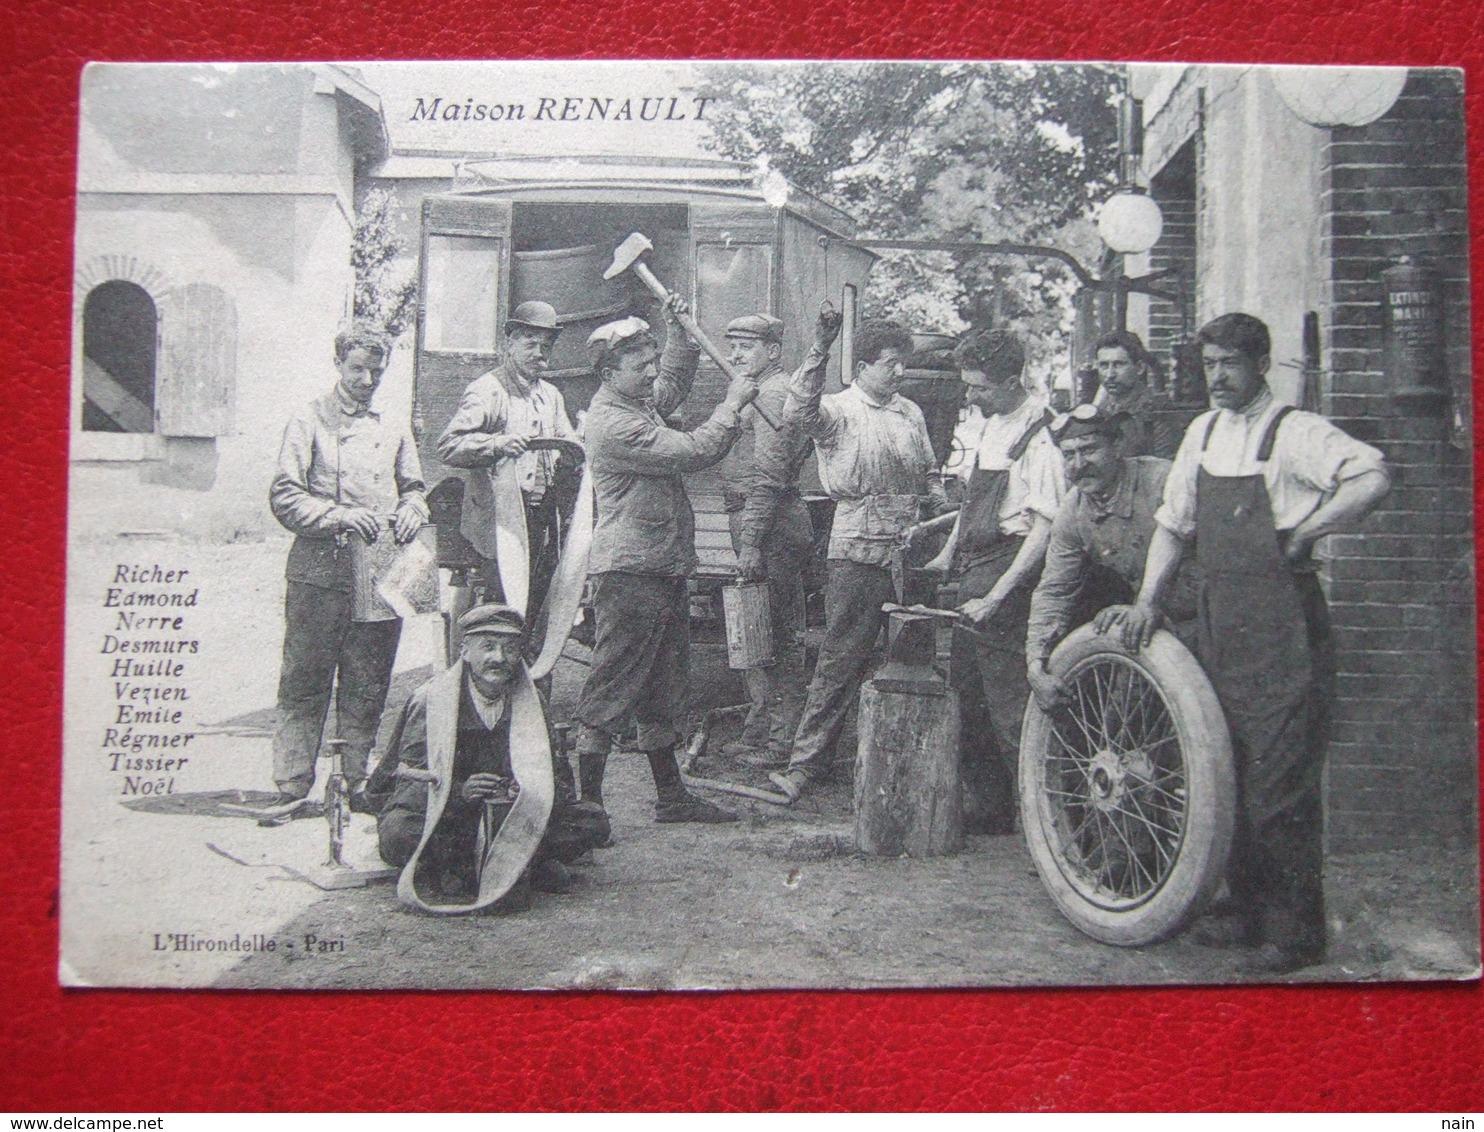 """92 - BOULOGNE BILLANCOURT - MAISON RENAULT """" - SUPERBE CARTE SUR L' AUTOMOBILE - """" TRES RARE """" - - Boulogne Billancourt"""